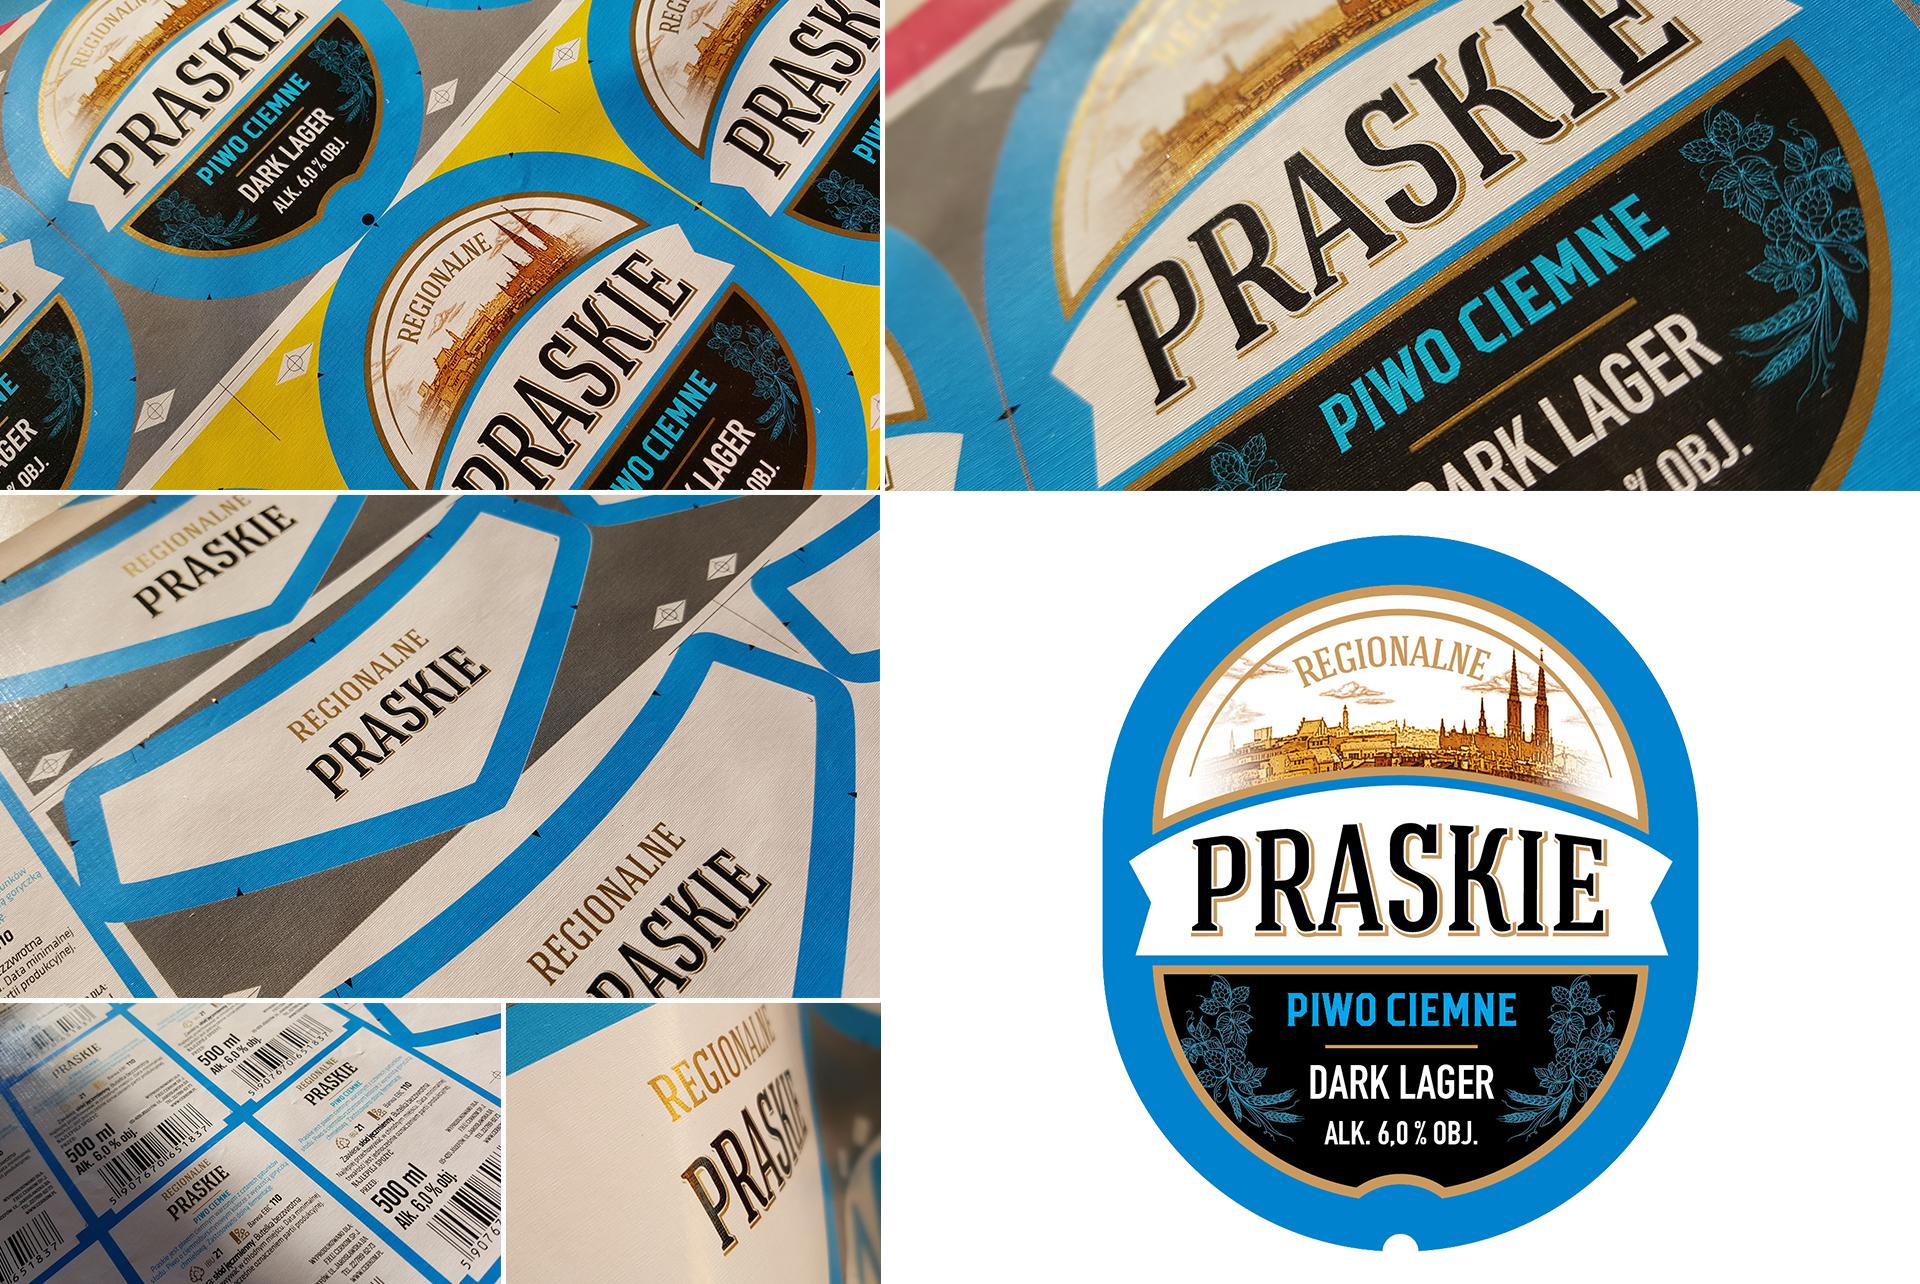 Piwo-Etykieta-Praskie-Regionalne-Beer-Label-Design